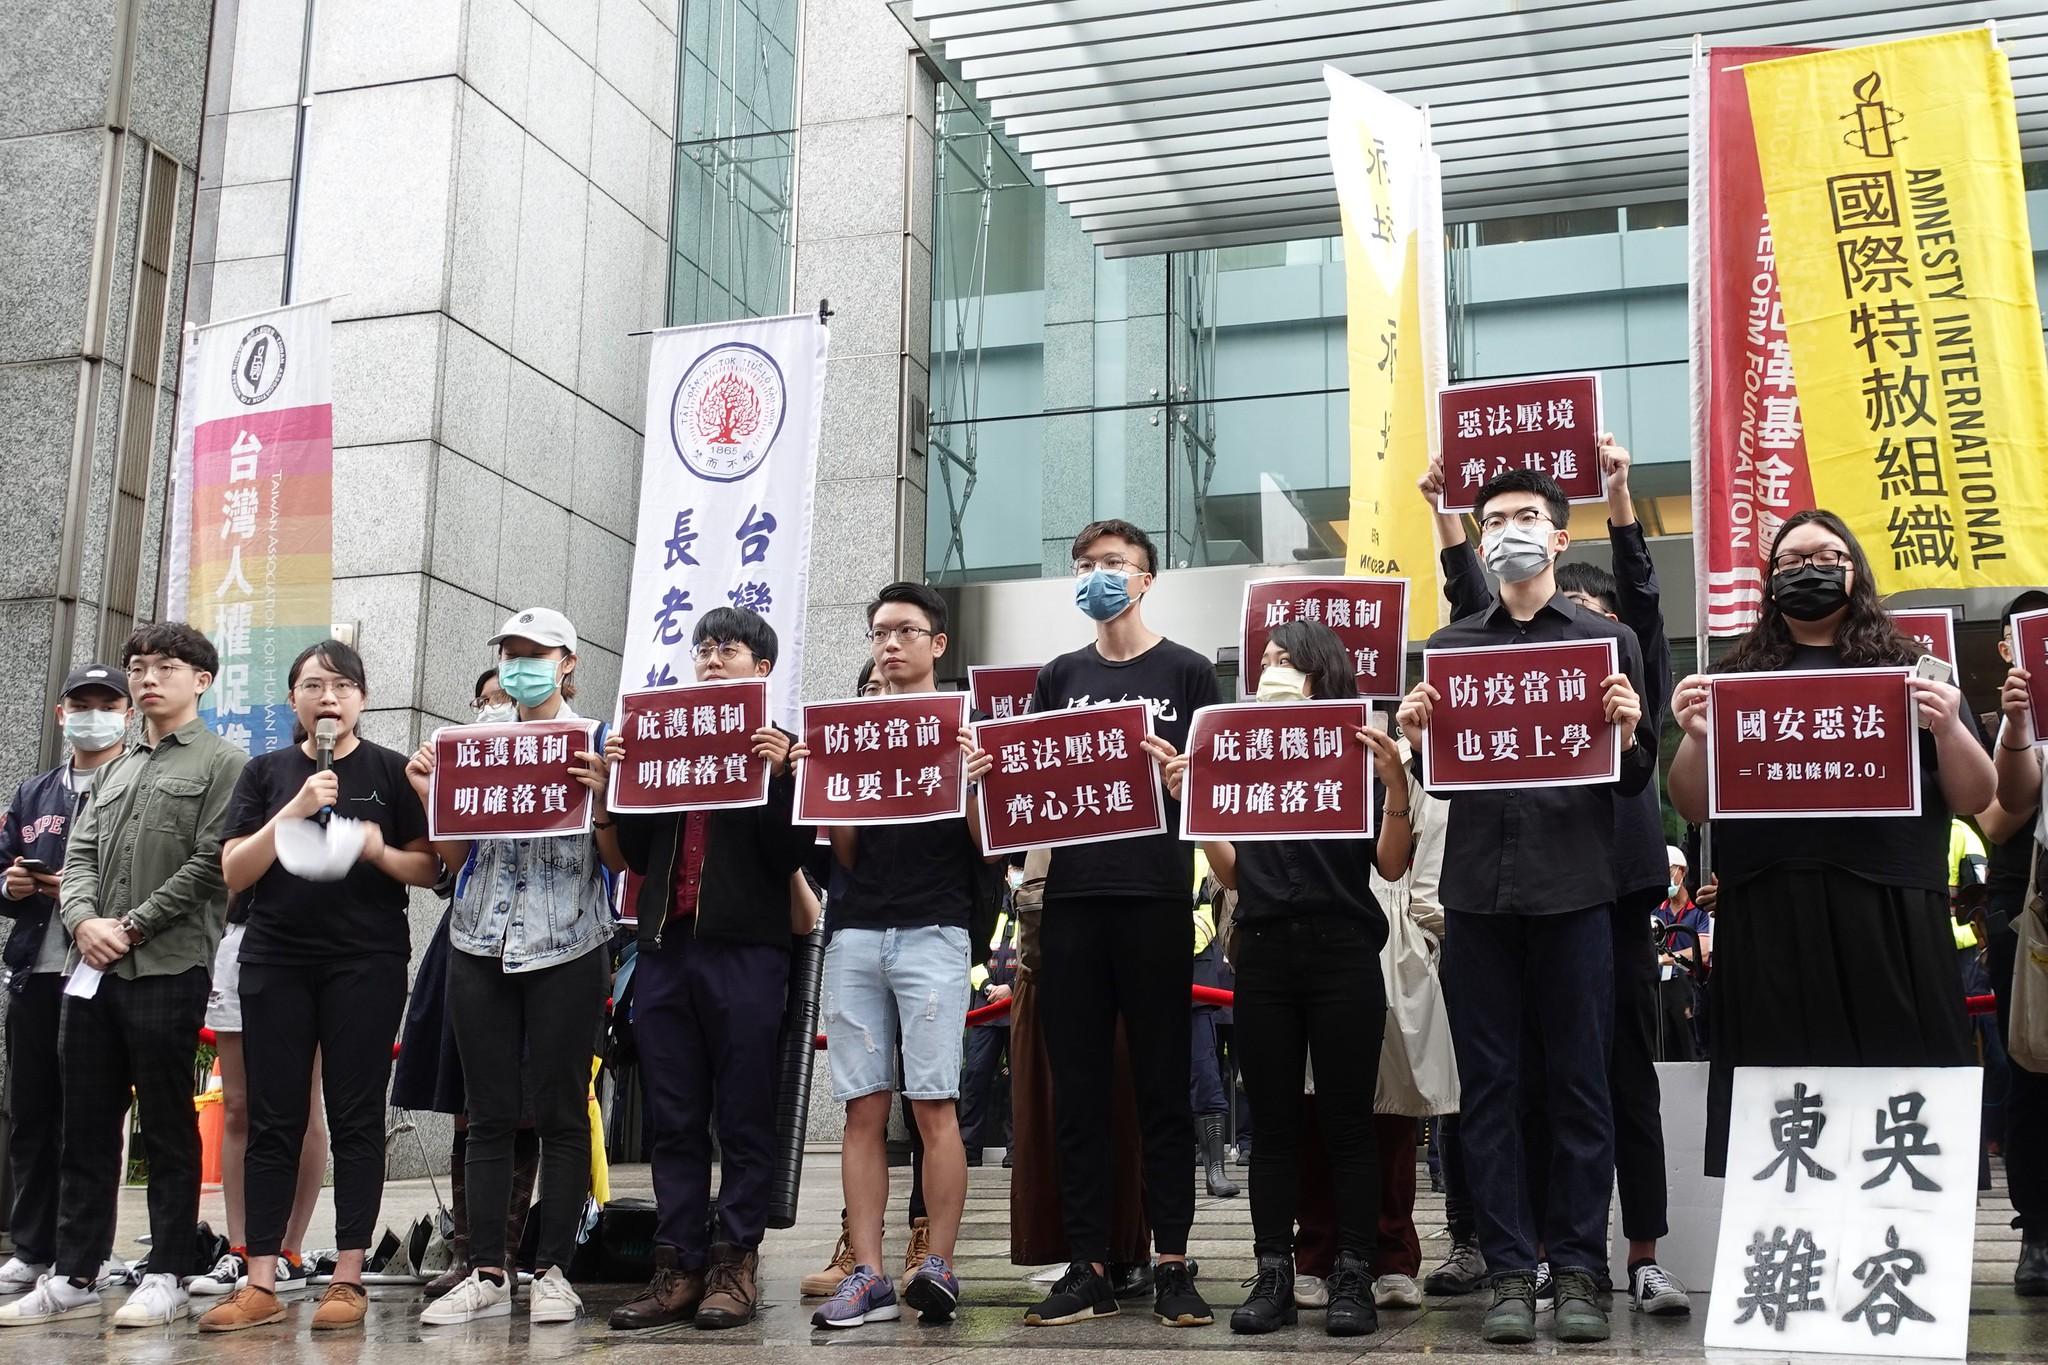 港版國安法草案通過 臺港青年連線抗中 | 苦勞網